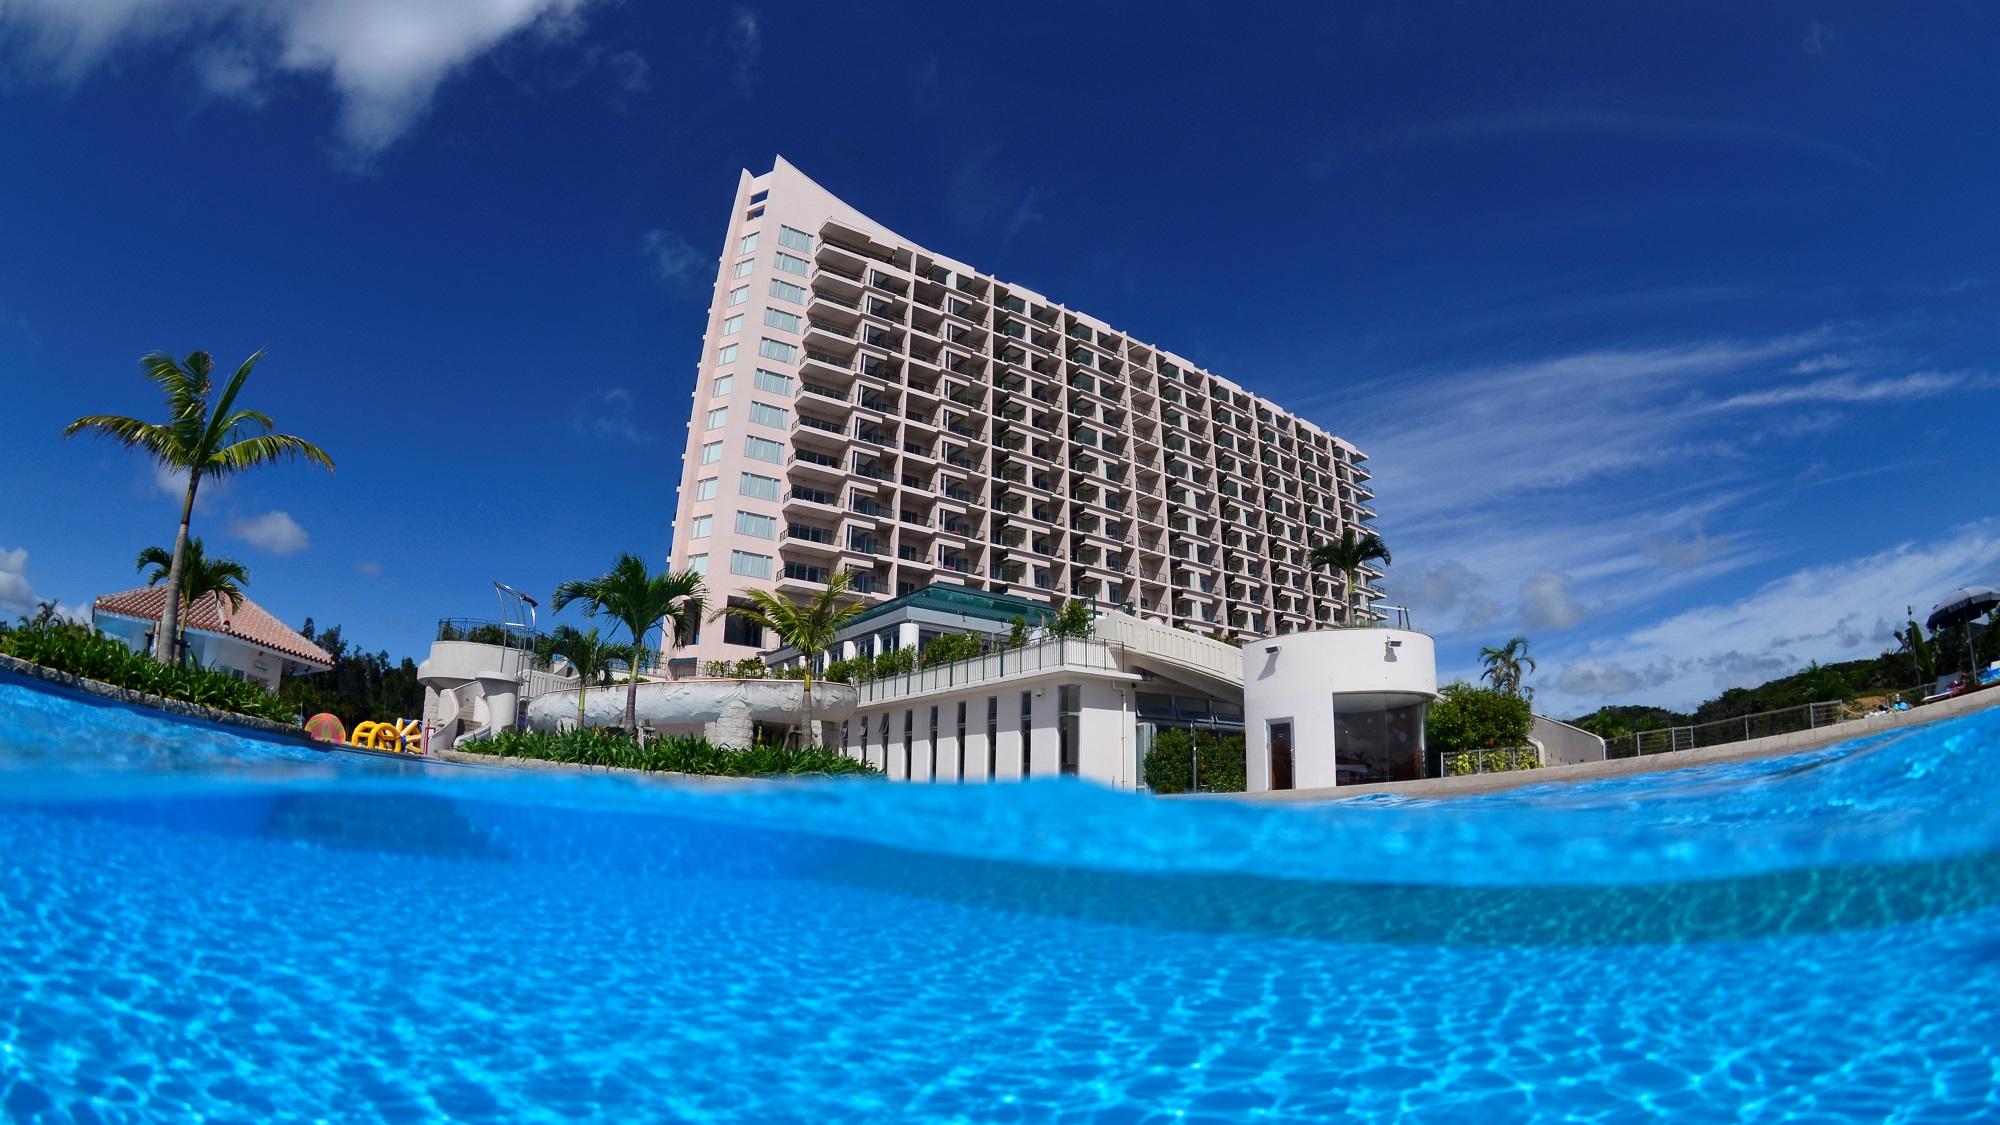 今年の夏こそ沖縄に行きたいのでお勧めの宿を教えてください